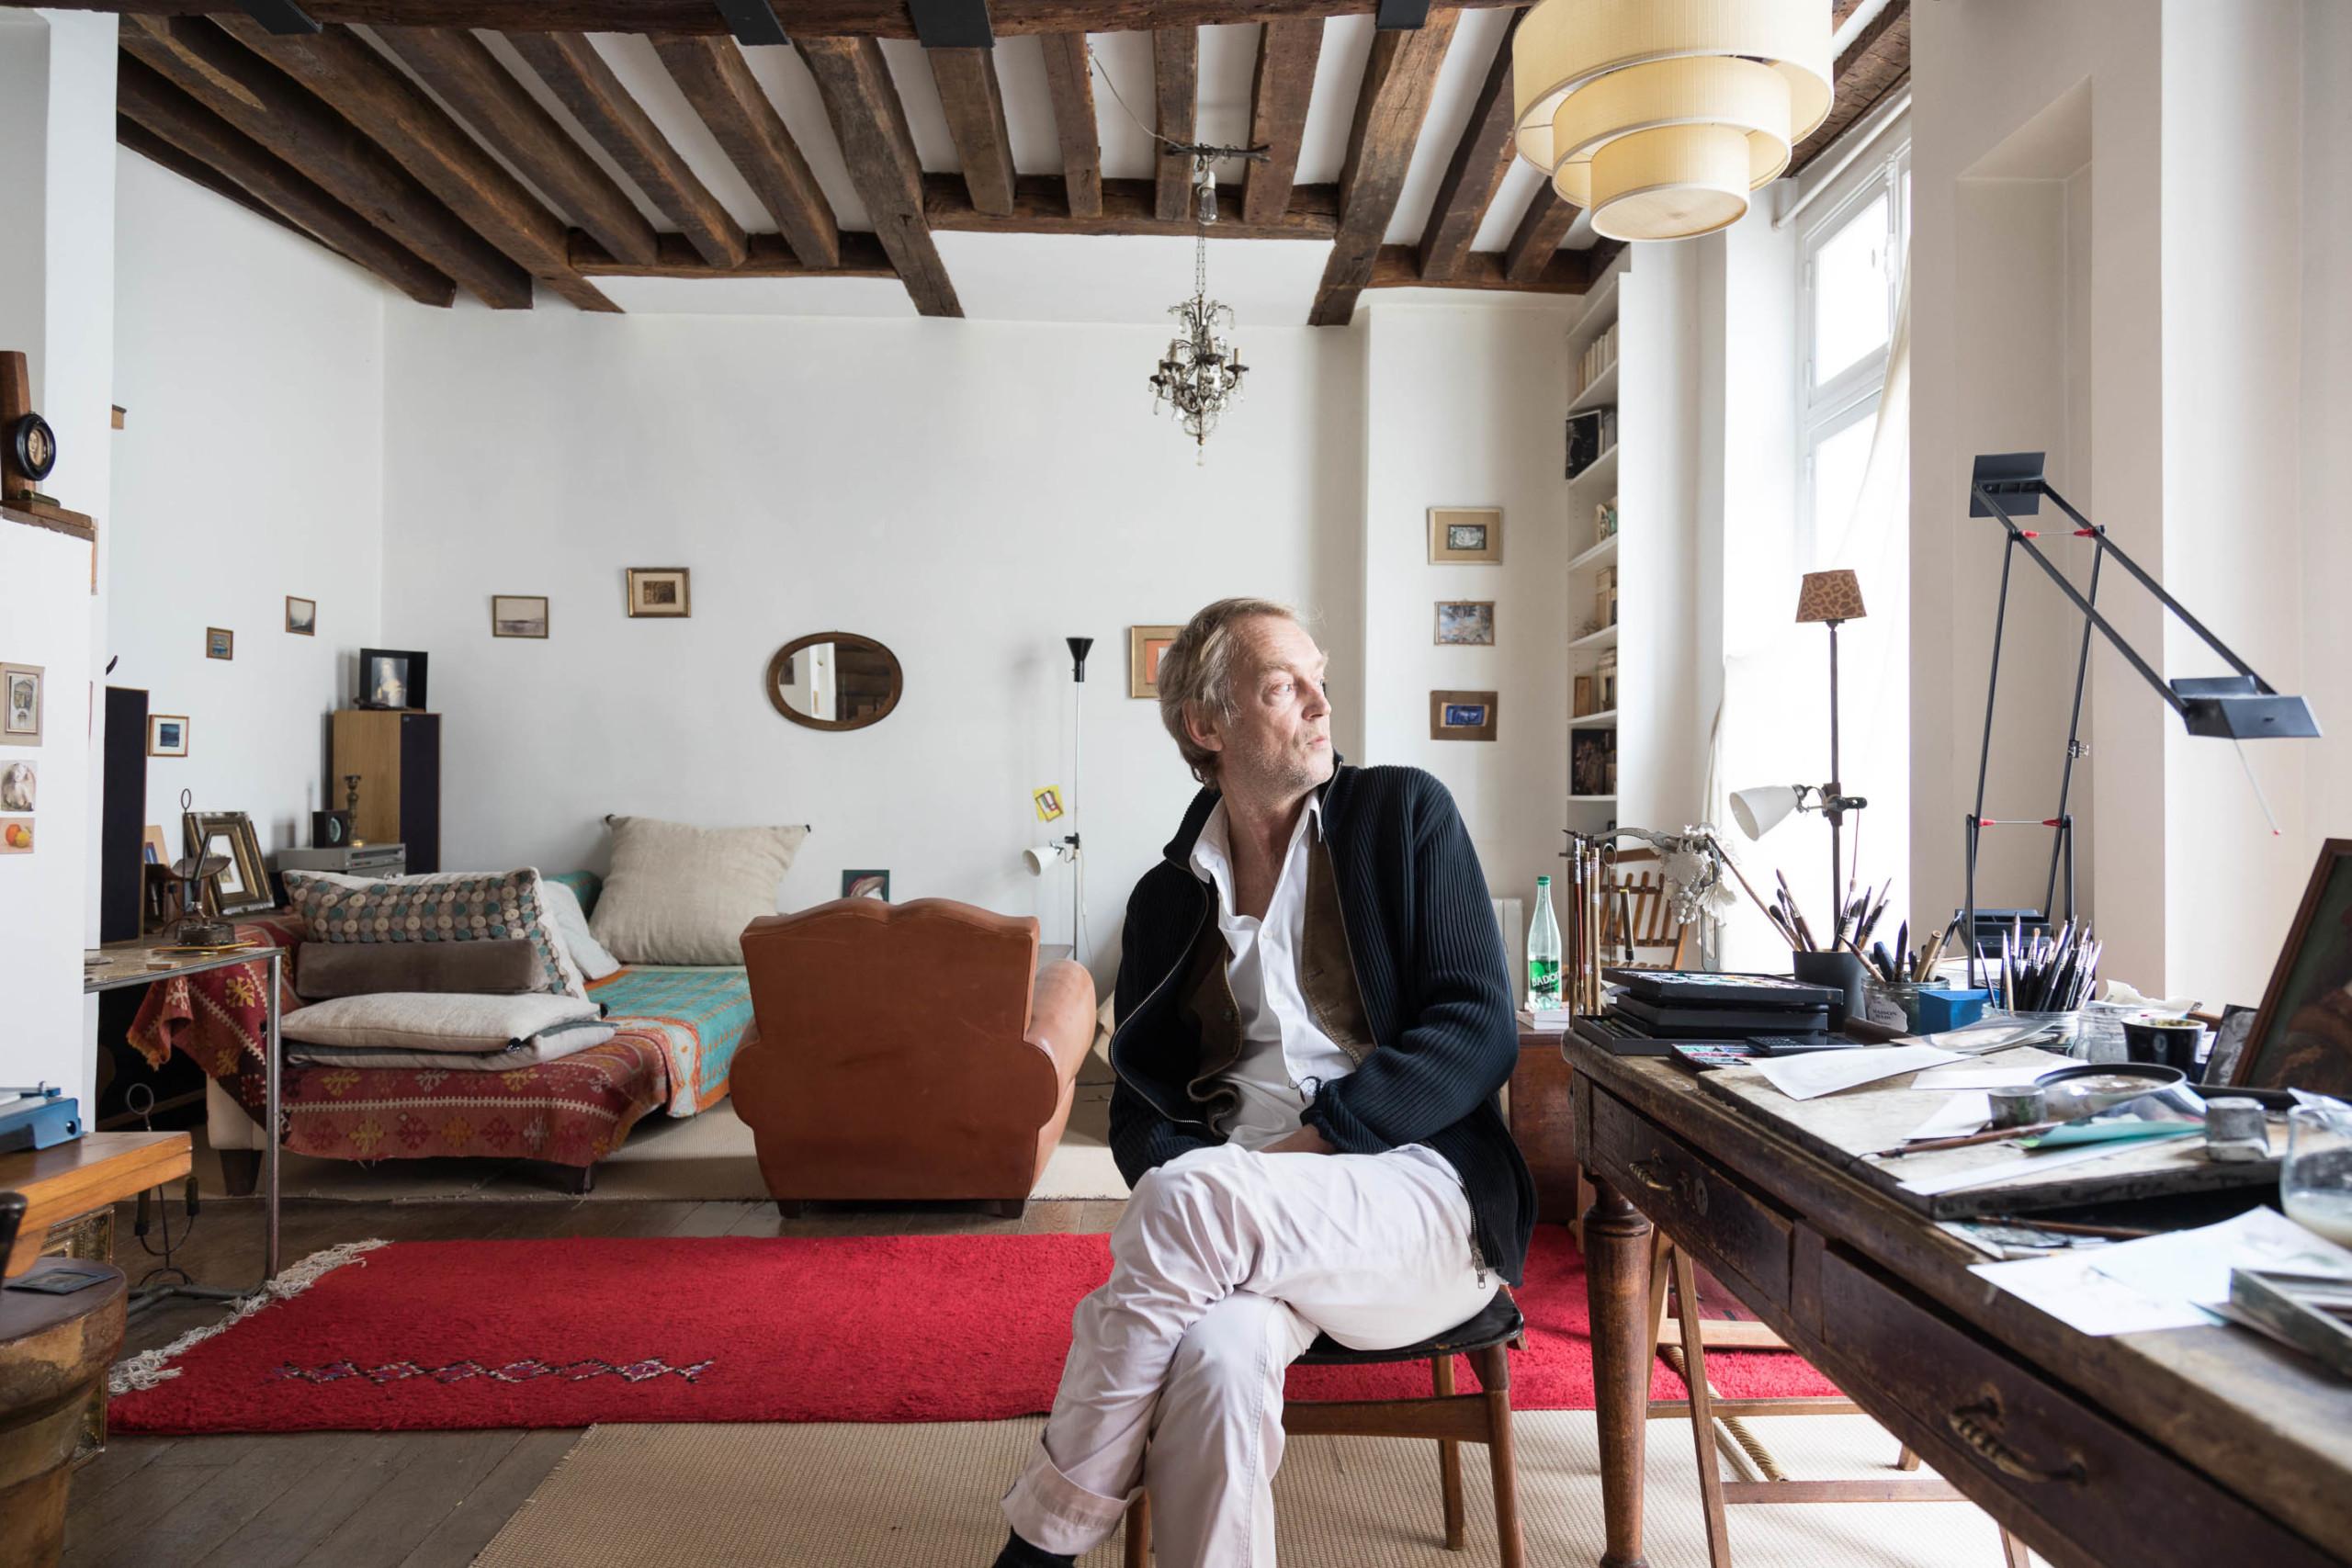 The Insatiable Michel Vivien